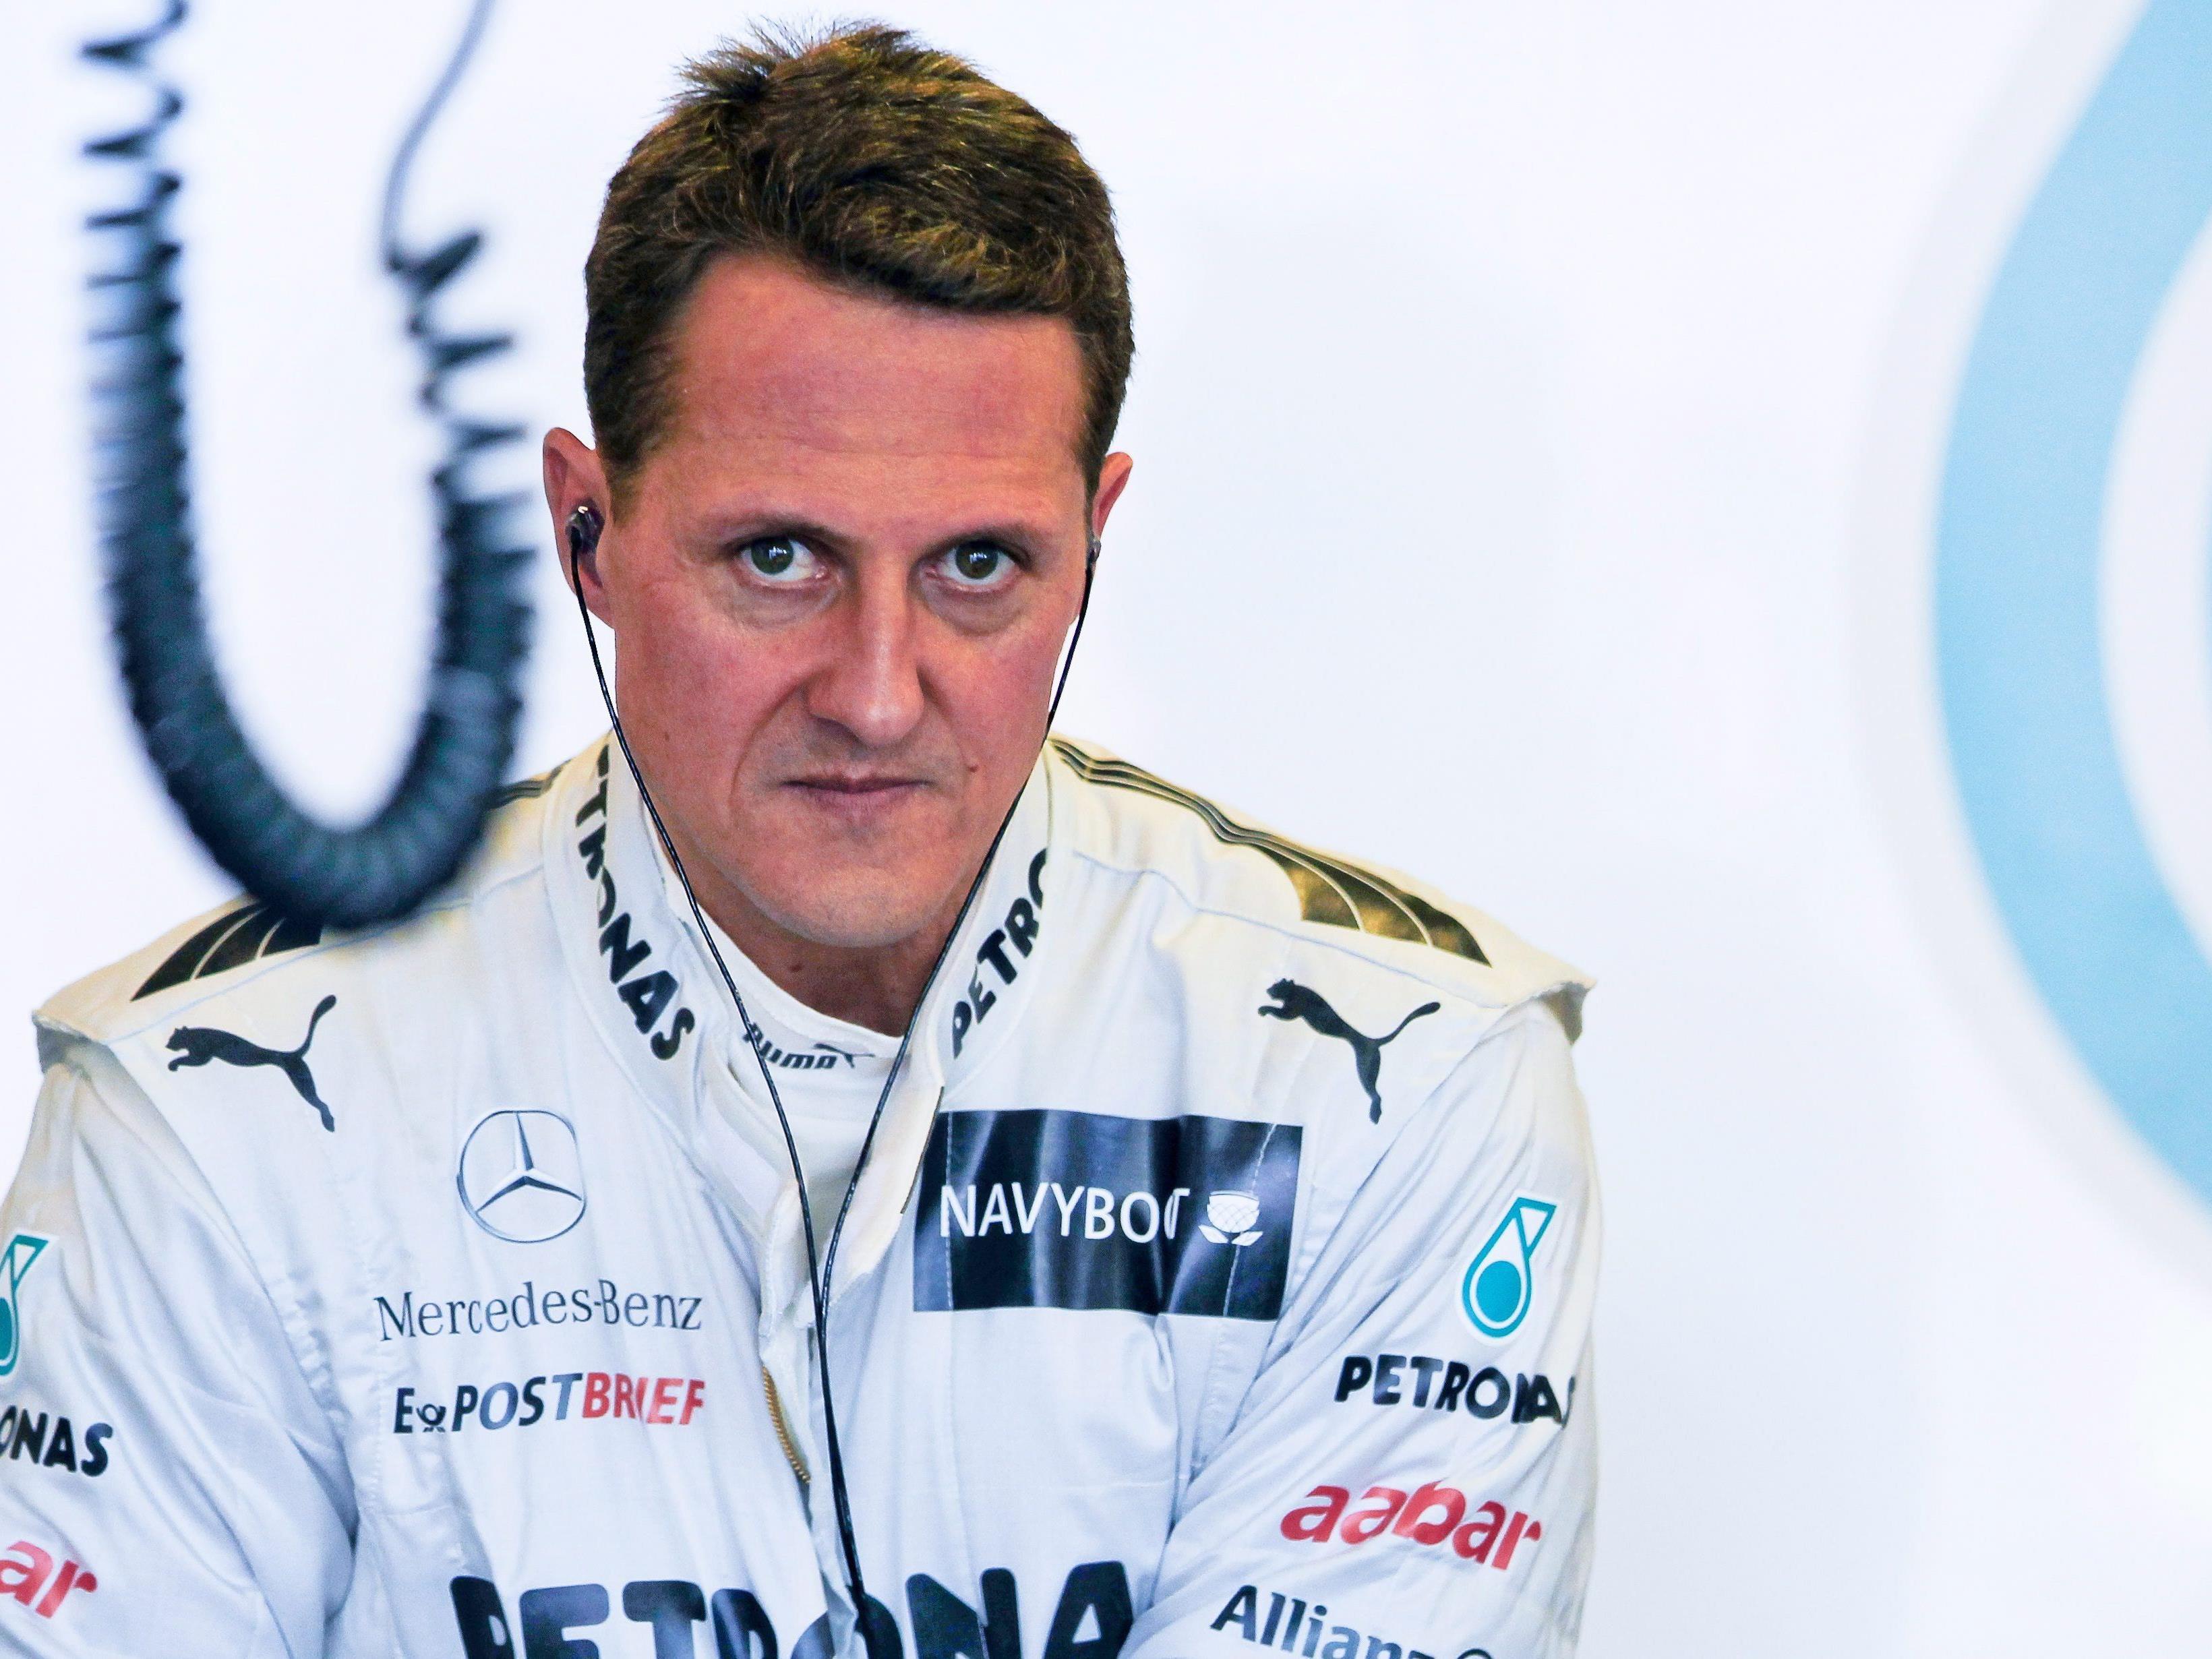 Schumachers Zustand bleibt stabil, aber kritisch.